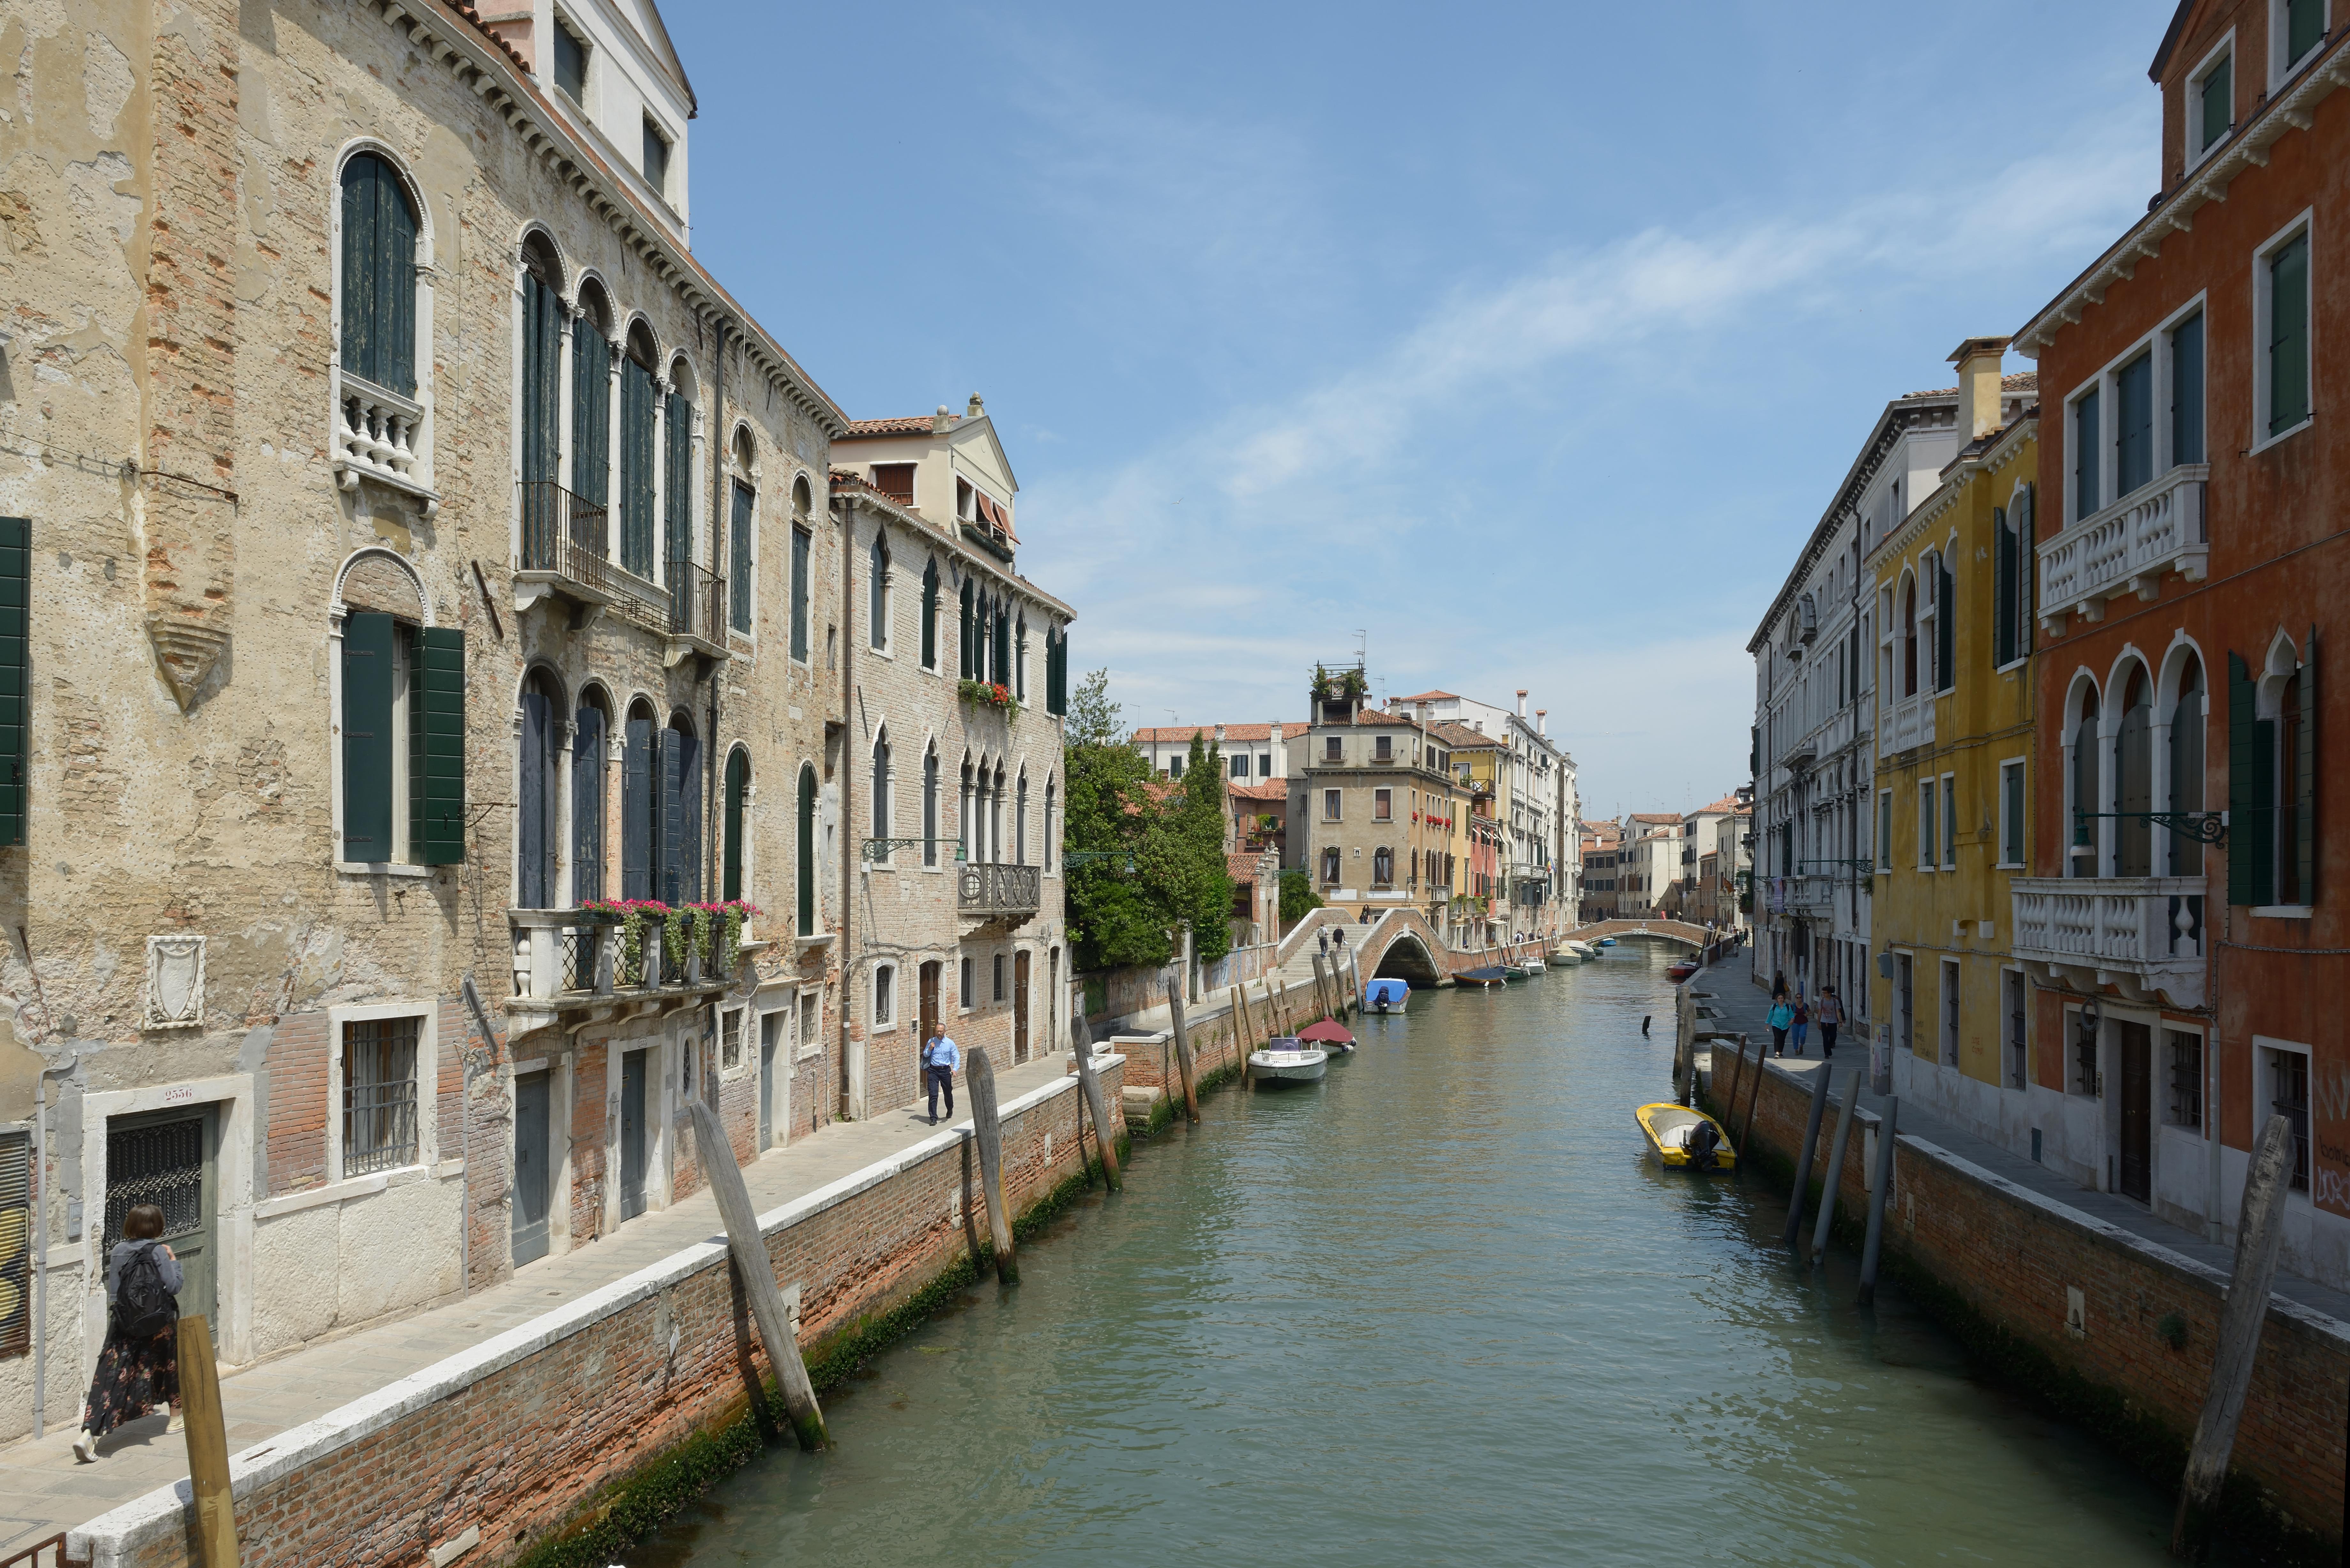 File:Dorsoduro Rio dei Carmini in Venice.jpg - Wikimedia Commons